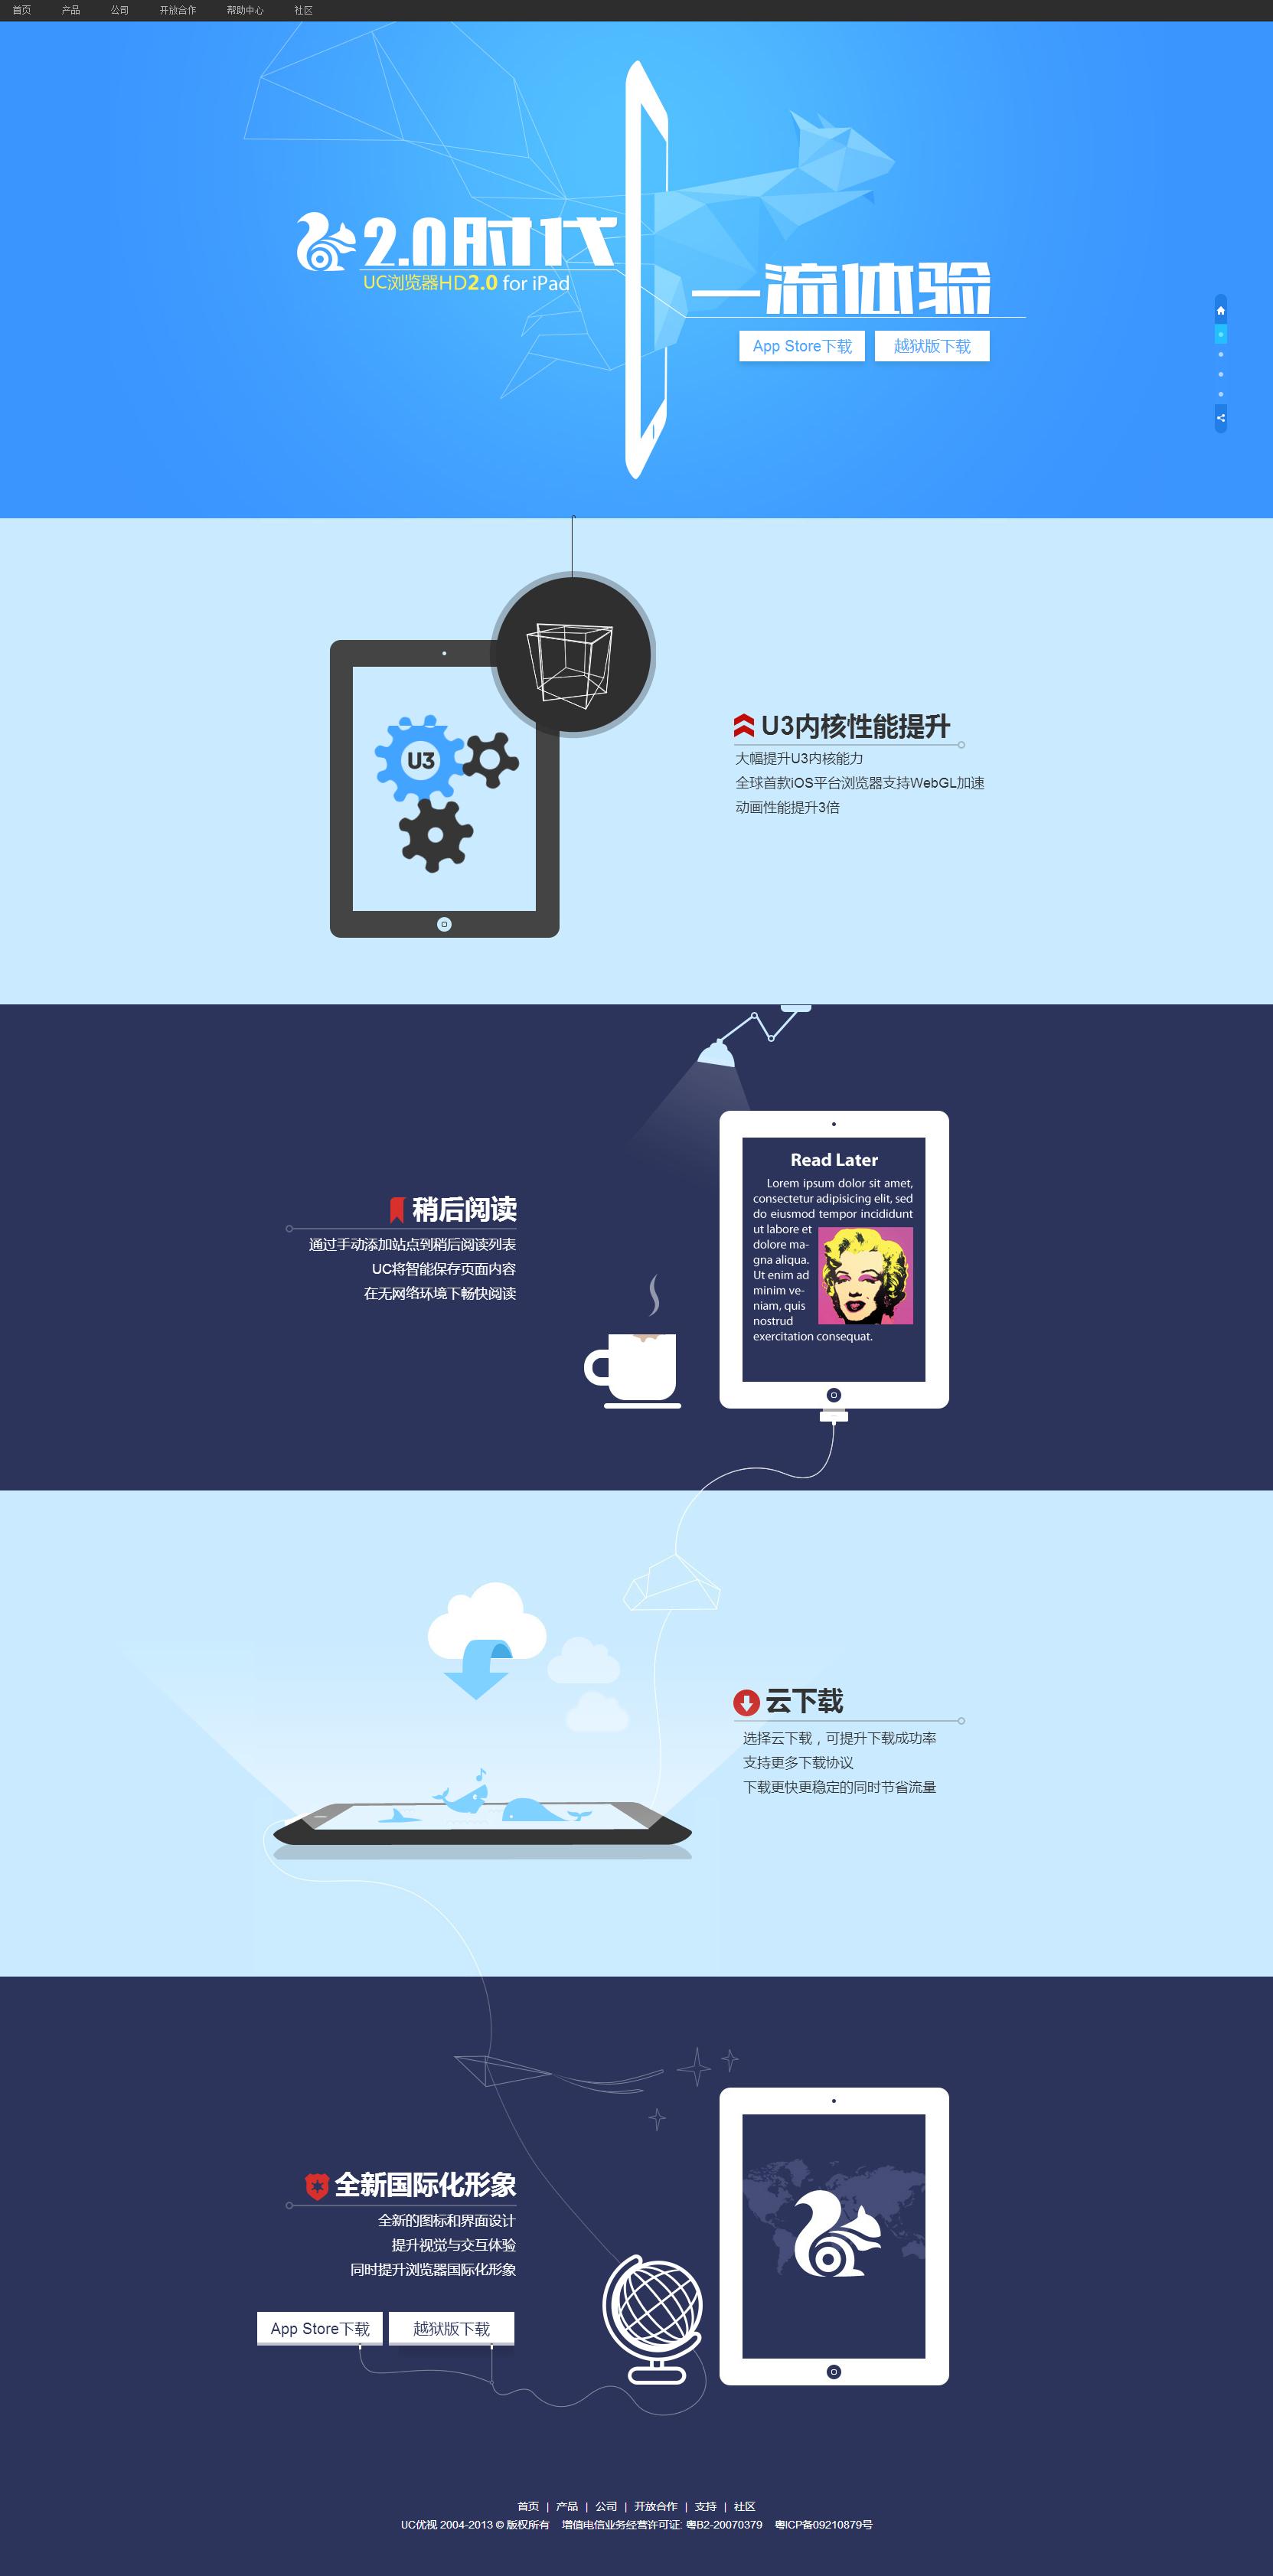 UC浏览器2.0foriPad介绍网页设计v城堡-城堡文成手机设计图图片